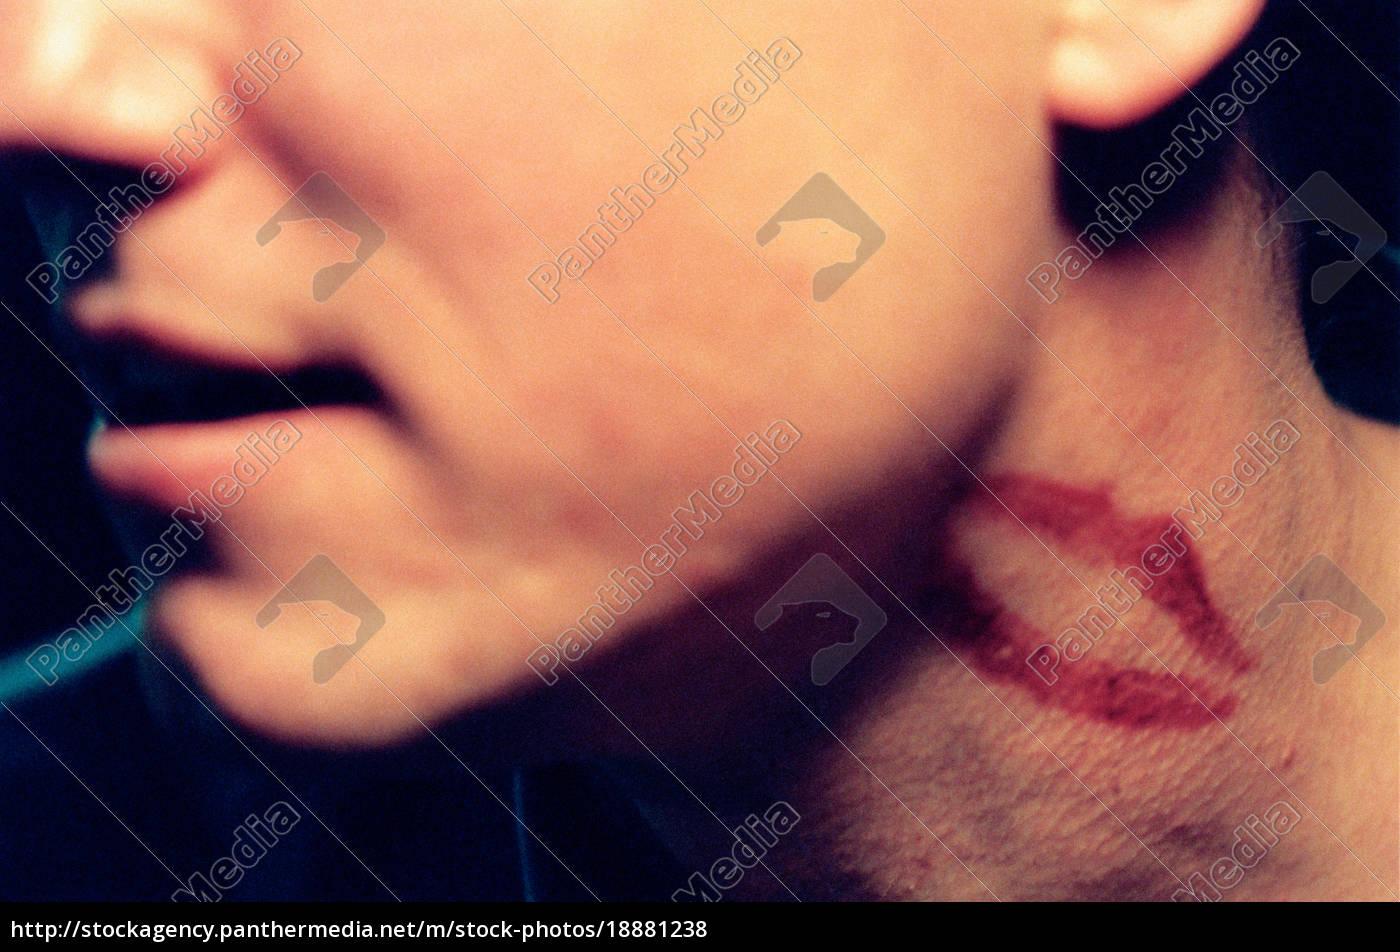 Den kuss hals auf Kuss auf